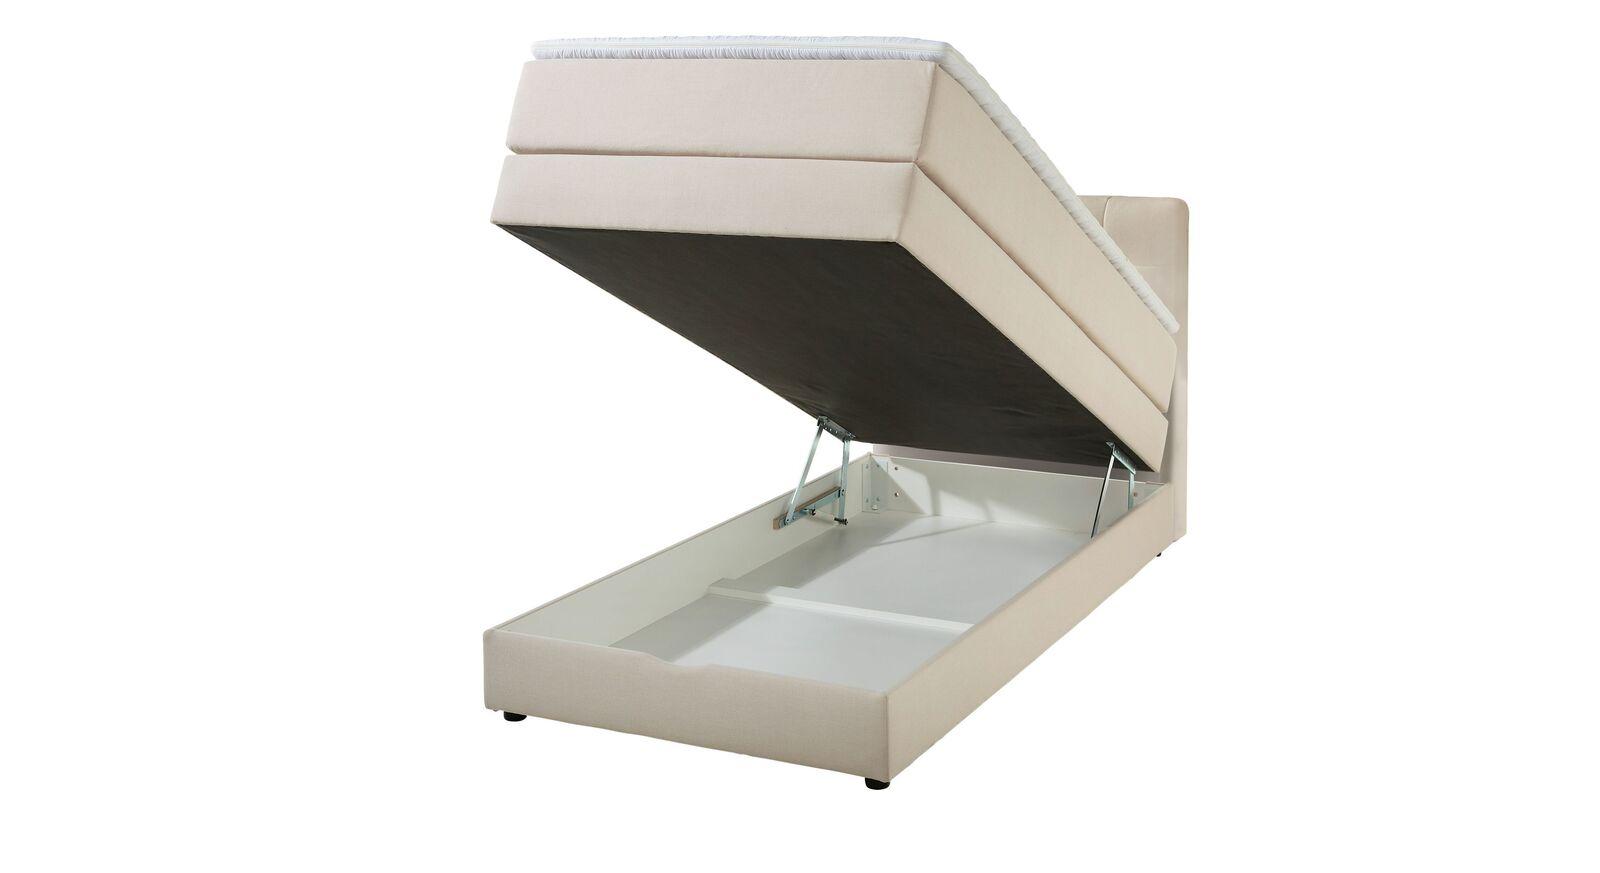 Boxspringbett Luciano mit leicht zu öffnendem Bettkasten